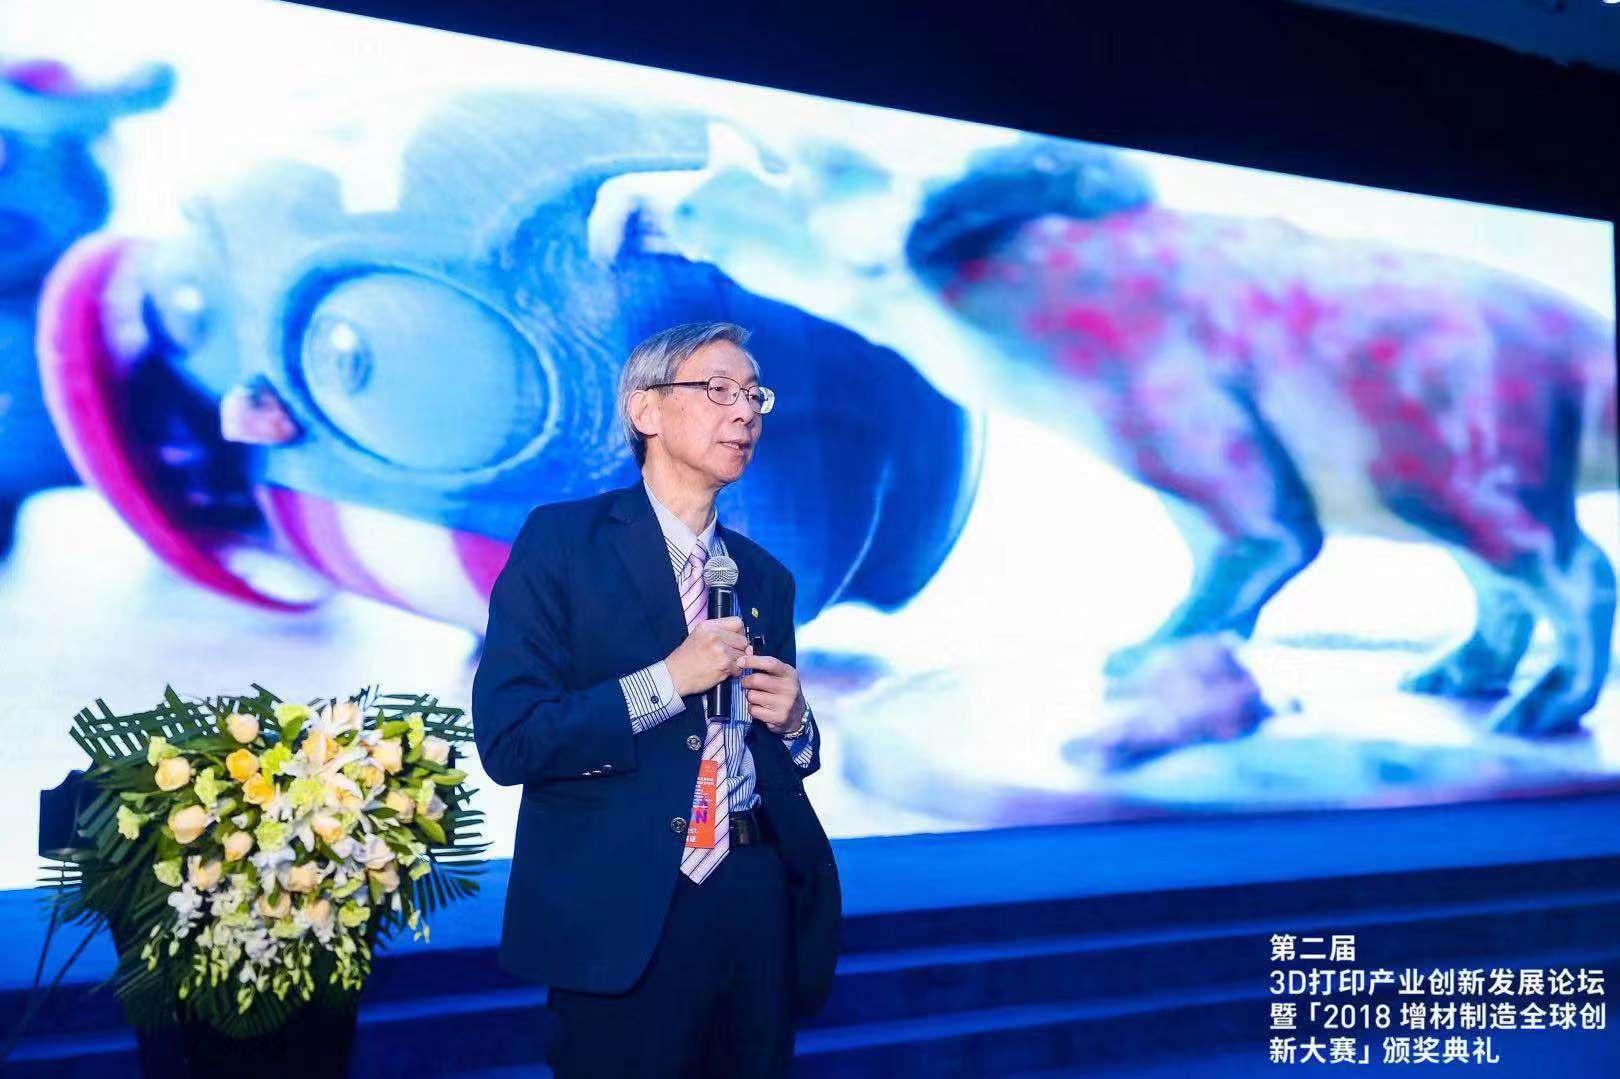 震旦集团3D事业总经理、台湾通业技研董事长纪崇楠先生认为3D打印在个性化定制、制造环节等方面的优势,正在颠覆传统文创产业。